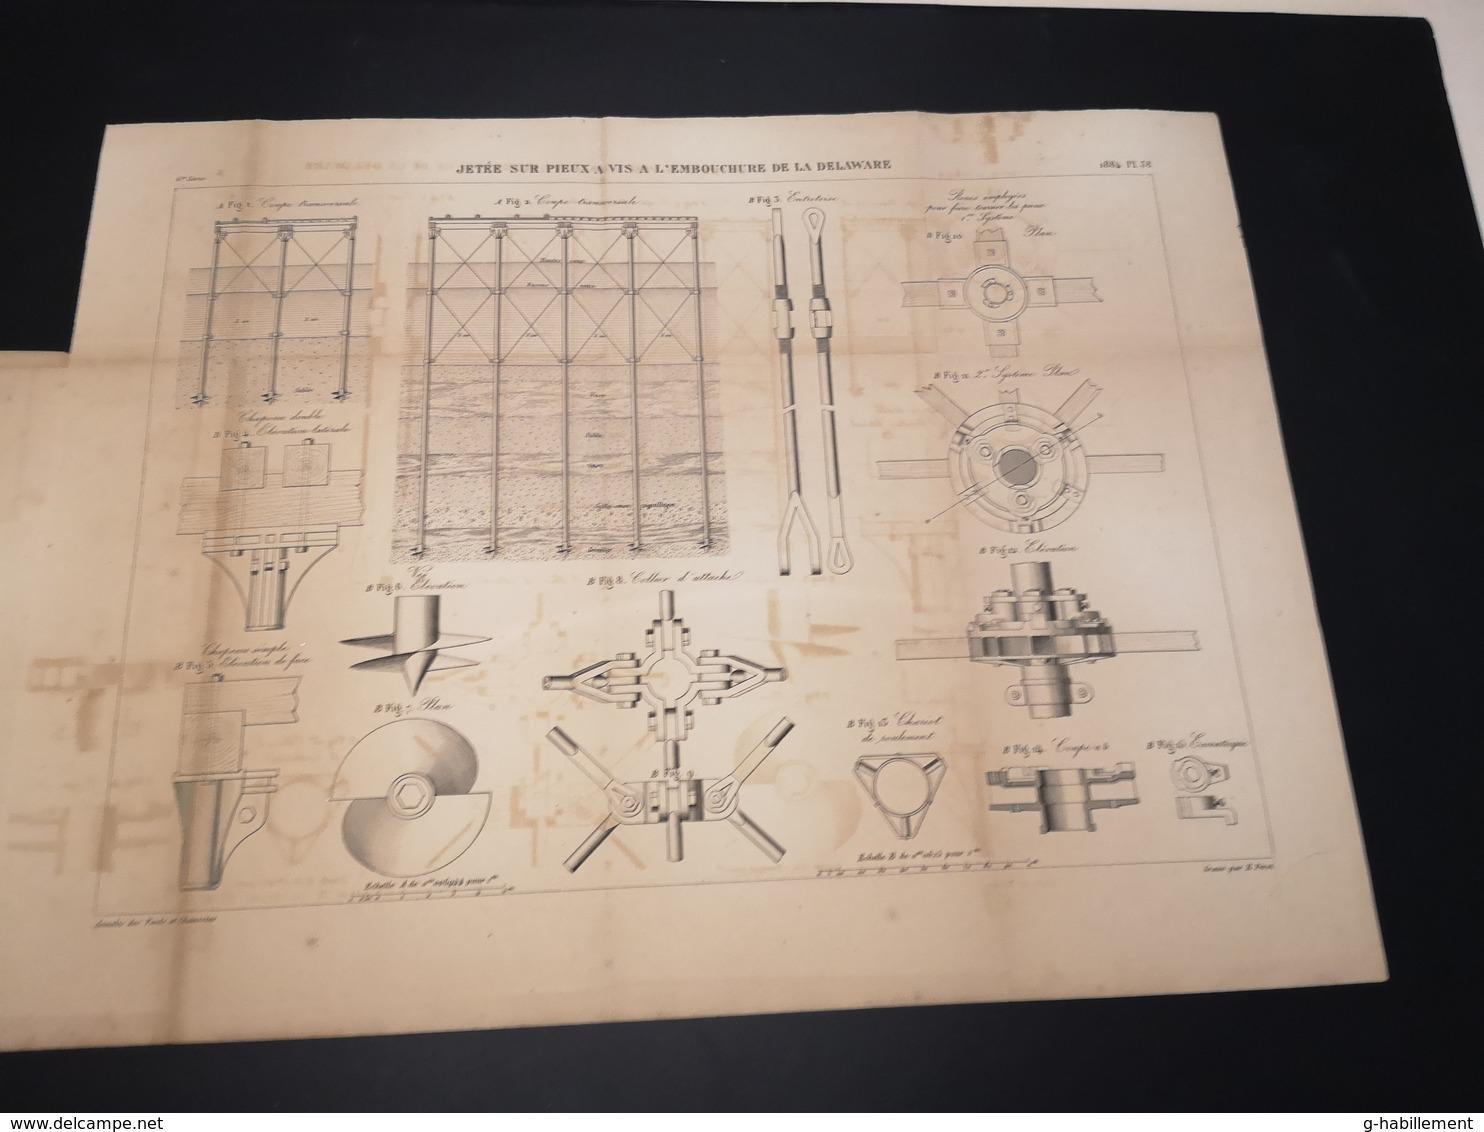 ANNALES DES PONTS Et CHAUSSEES (Etats-Unis) - Plan D'une Jetée Sur Pieux De La Delaware  - Graveur E.Pérot 1884 (CLF31) - Machines